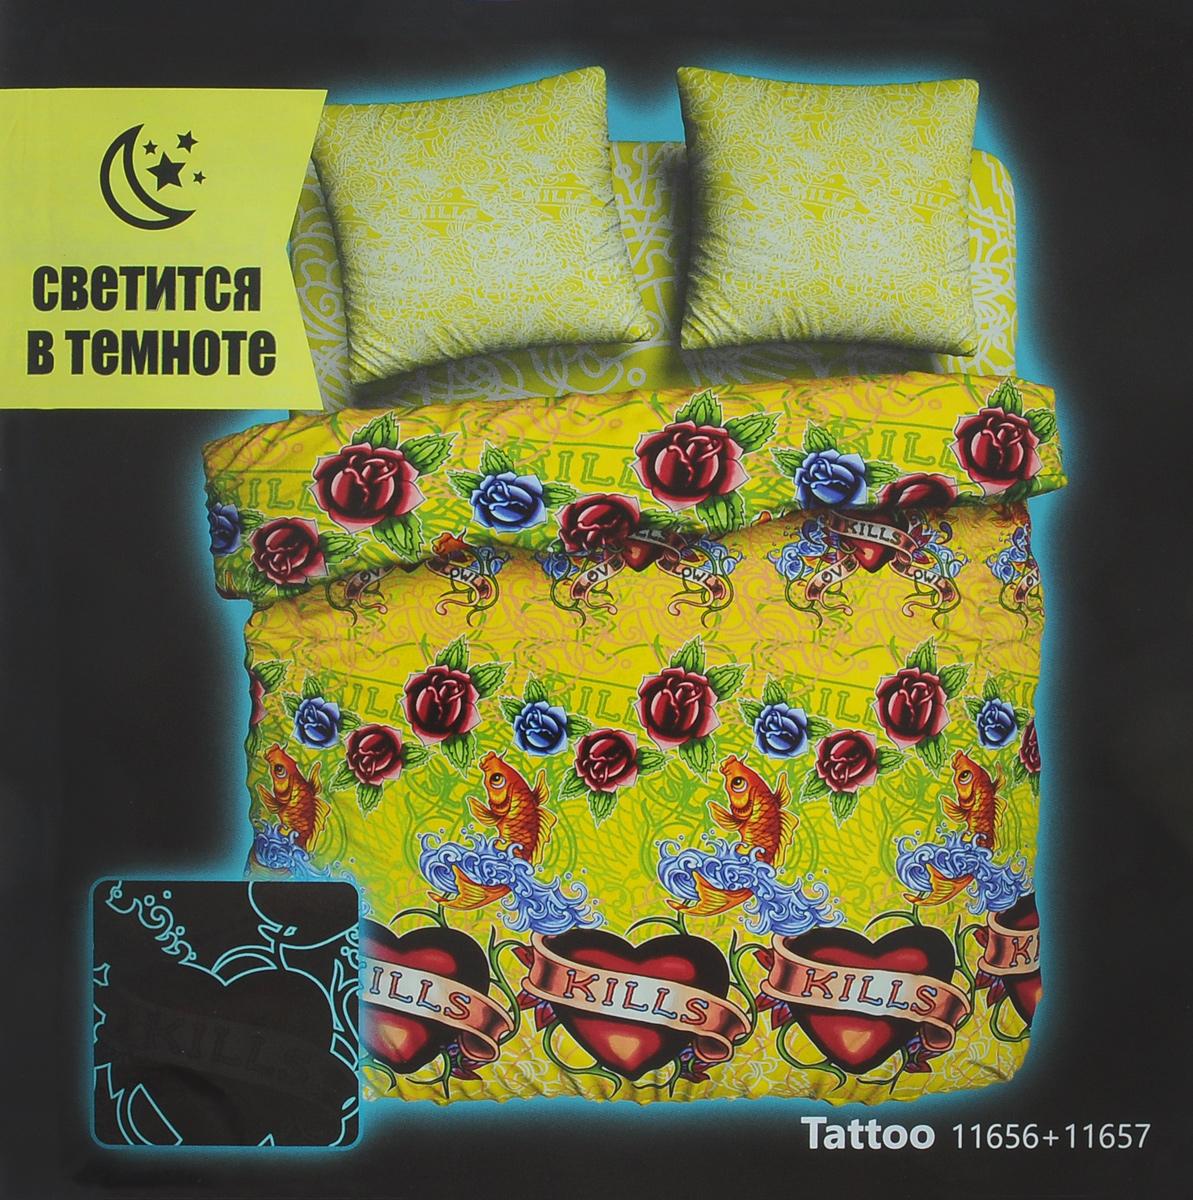 Комплект белья Unison Tattoo, 2-спальный, наволочки 70х70, цвет: лимонный, салатовый, малиновый. 268375268375Оригинальный комплект постельного белья Unison Tattoo из серии Neon Collection выполнен из биоматина, натуральной 100% хлопковой ткани, которая имеет свойство, светится в темноте. Постельное белье светится в темноте без помощи ультрафиолета. Заряжается комплект от любого источника света, что позволяет святиться в темноте продолжительное время. Комплект оформлен оригинальным рисунком, который имеет потенциал свечения до 8 часов с эффектом угасания. Ткань приятная на ощупь, при этом она прочная, хорошо сохраняет форму и легко гладится. Комплект состоит из пододеяльника, простыни и двух наволочек. Используемые красители безопасны для человека и животных. Благодаря такому комплекту постельного белья вы создадите неповторимую атмосферу в вашей спальне. Рекомендуется стирать в стиральной машине в мешке в режиме деликатной стирки, при температуре до +40°C, предварительно вывернув комплект наизнанку.